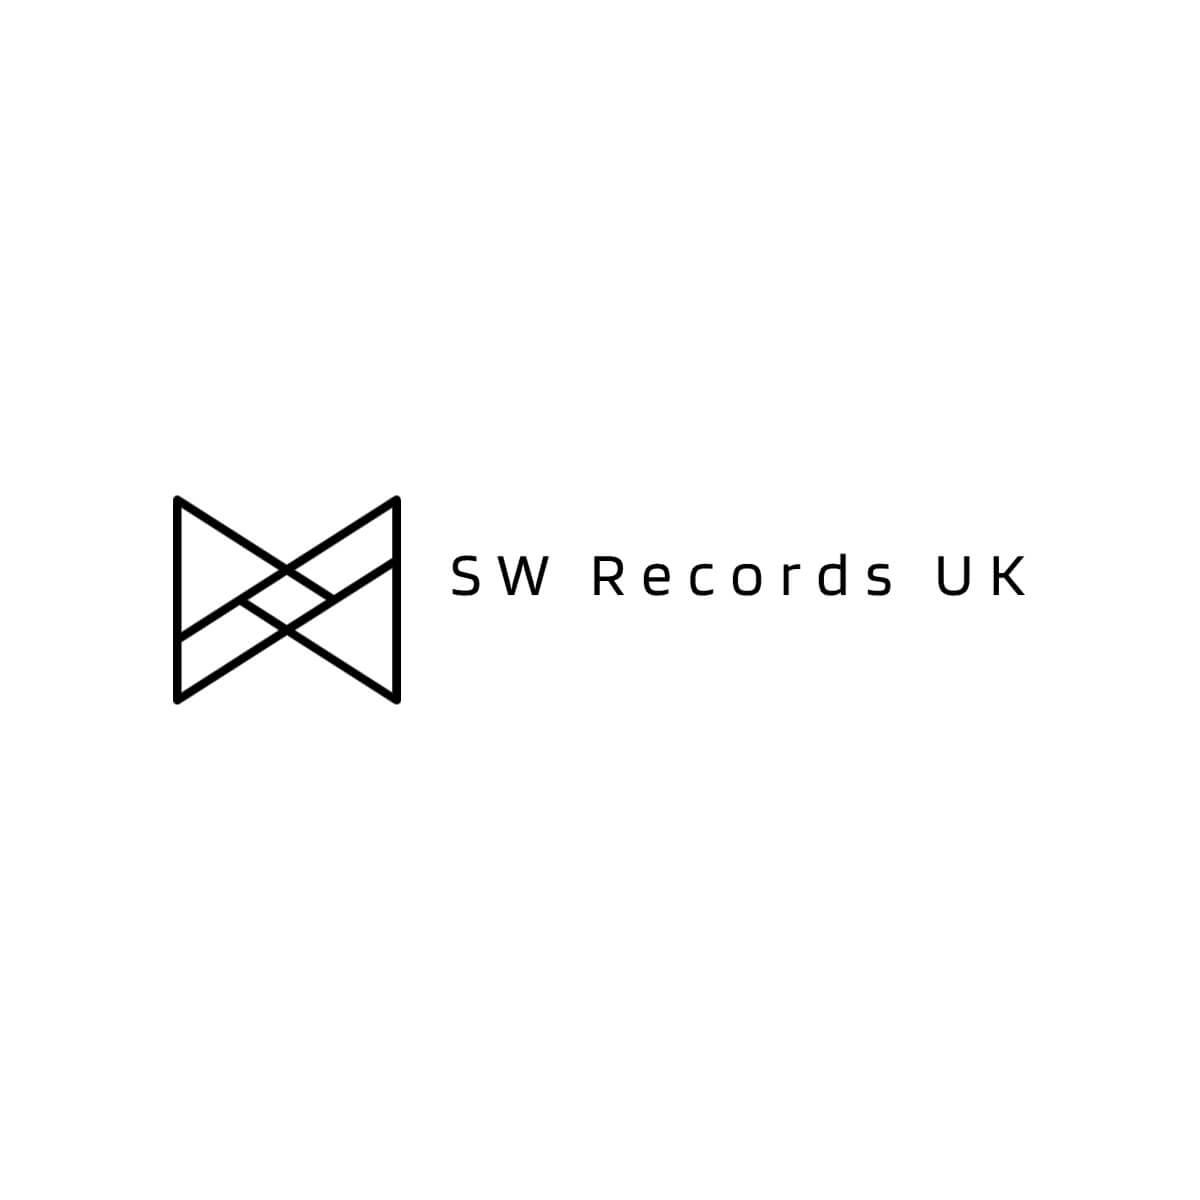 SW Records